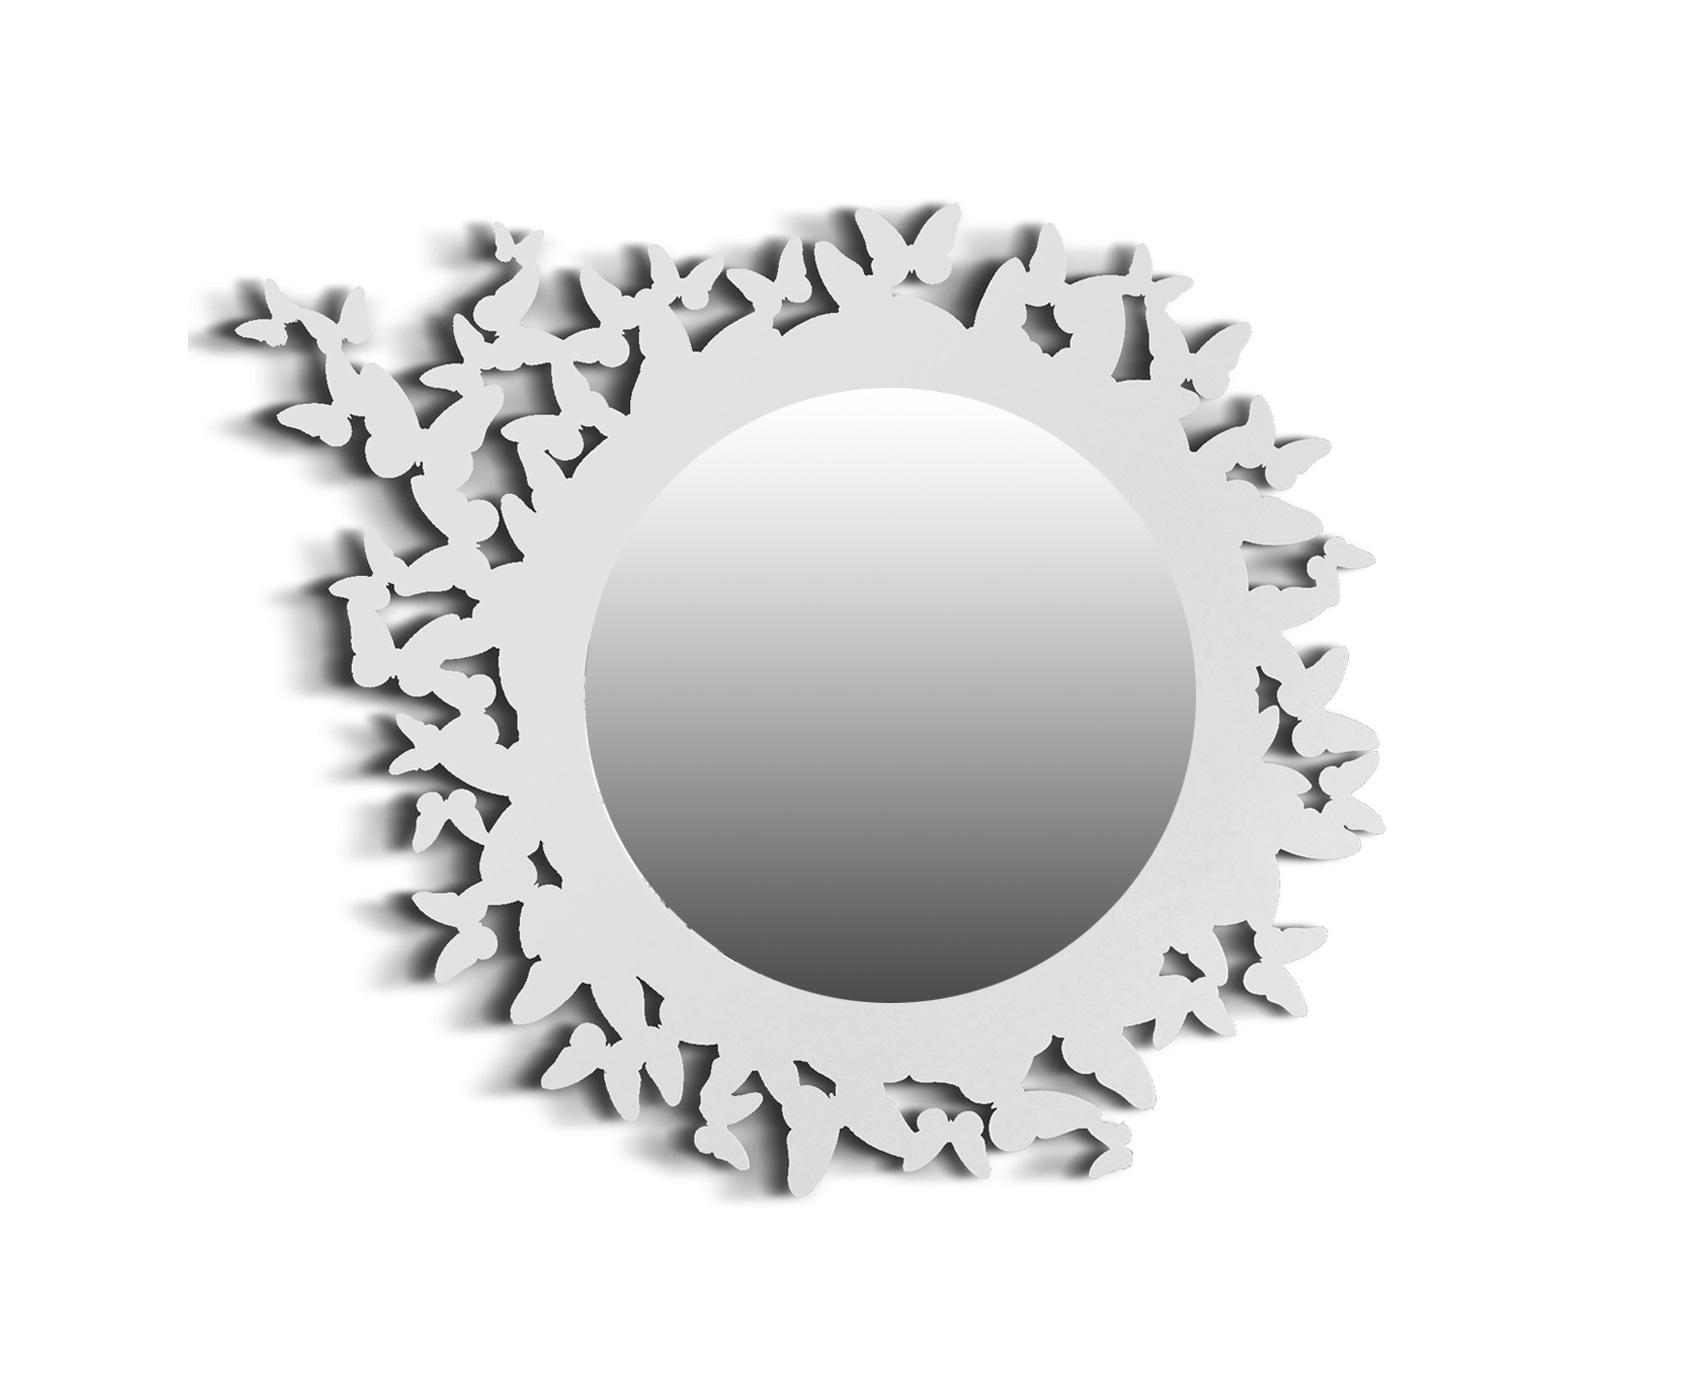 Зеркало BUTTERFLYНастенные зеркала<br>Настенное зеркало BUTTERFLY WHITE станет стильным украшением <br>современного интерьера, придавая ему неповторимую изысканность и <br>очарование лета. Порхающие бабочки, выполняющие функцию декоративного <br>оформления, добавят ощущение легкости и летнего настроения в уютную <br>обстановку Вашего дома.<br>Декоративное зеркало BUTTERFLY в металлической раме с креплением доступно в черном и белом цветах.<br><br>Material: Сталь<br>Length см: None<br>Width см: 69<br>Depth см: 0,6<br>Height см: 55<br>Diameter см: None